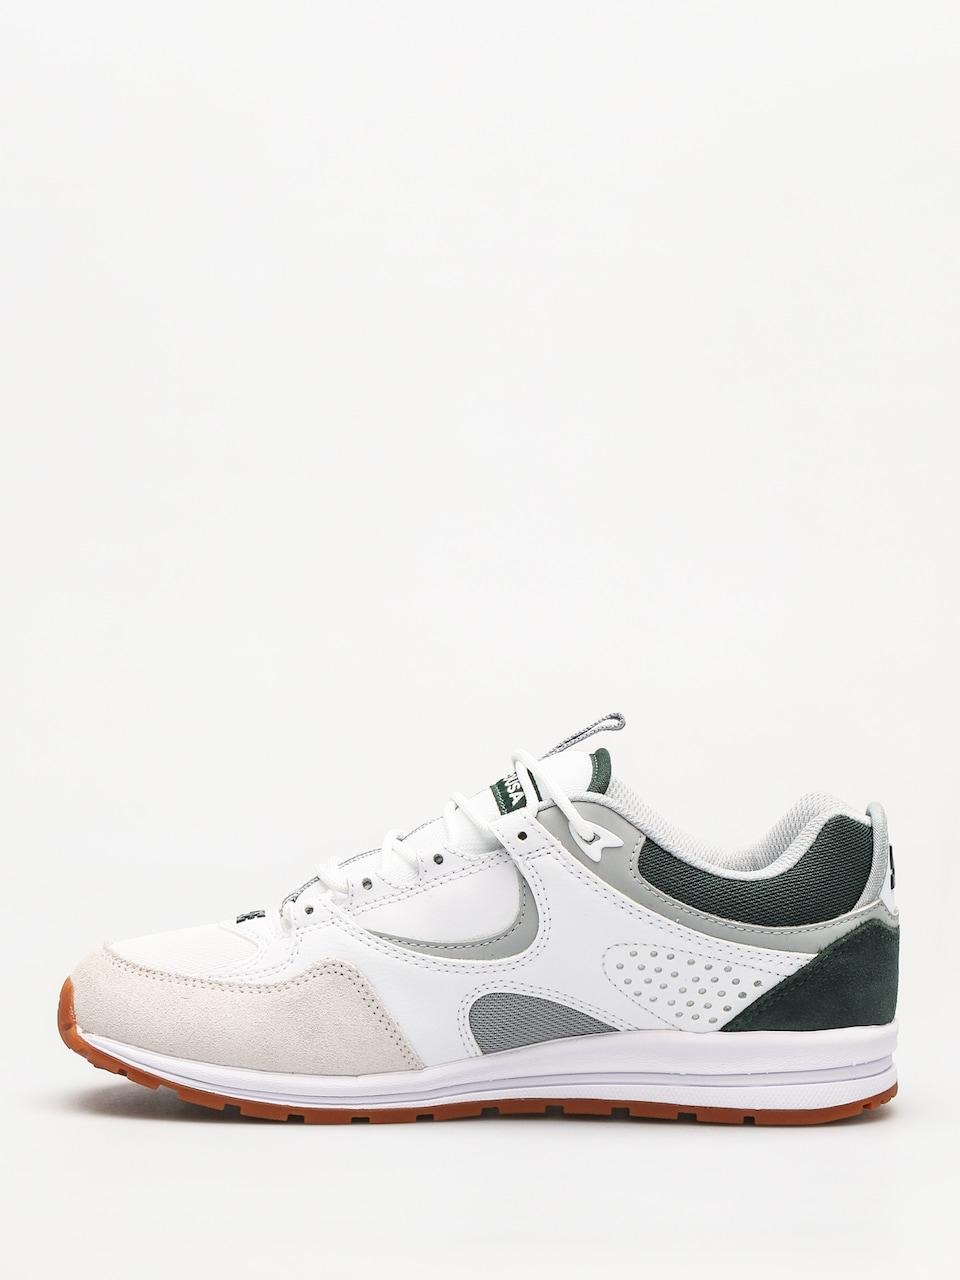 DC Shoes Kalis Lite Grey//White//Green Skate Shoes